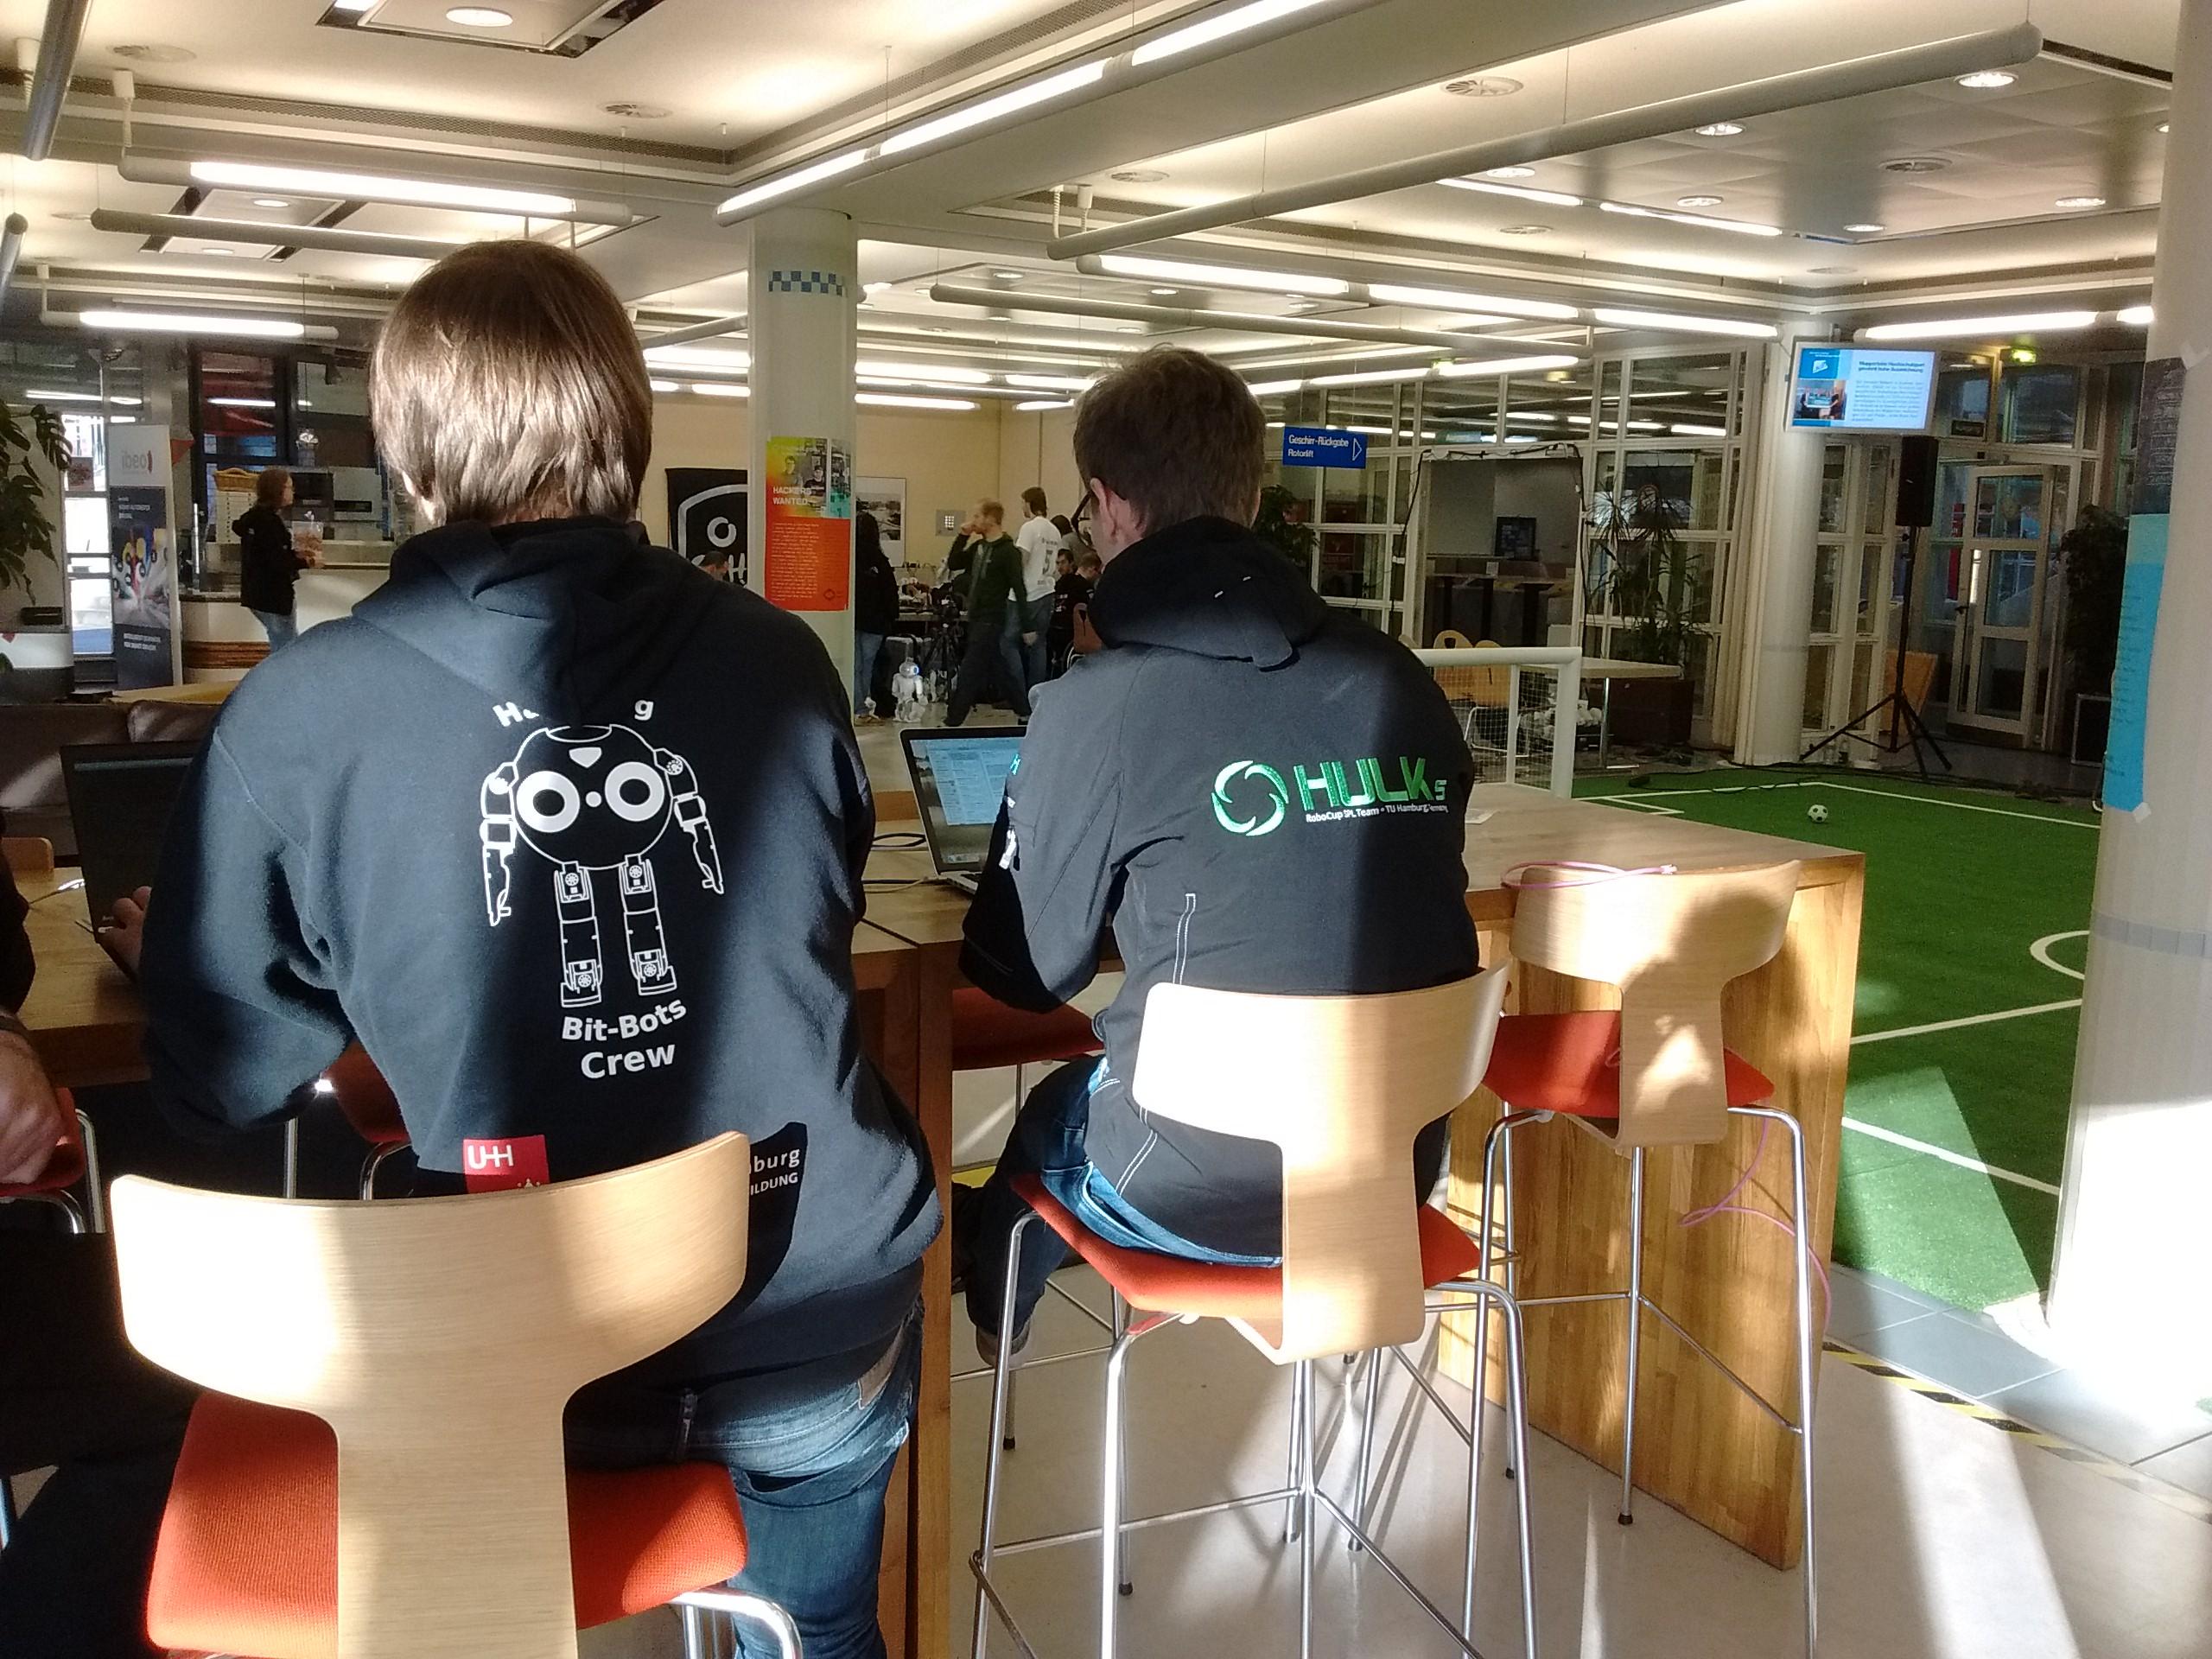 Kooperation zwischen den Hamburg Bit-Bots und den Hulks der TUHH